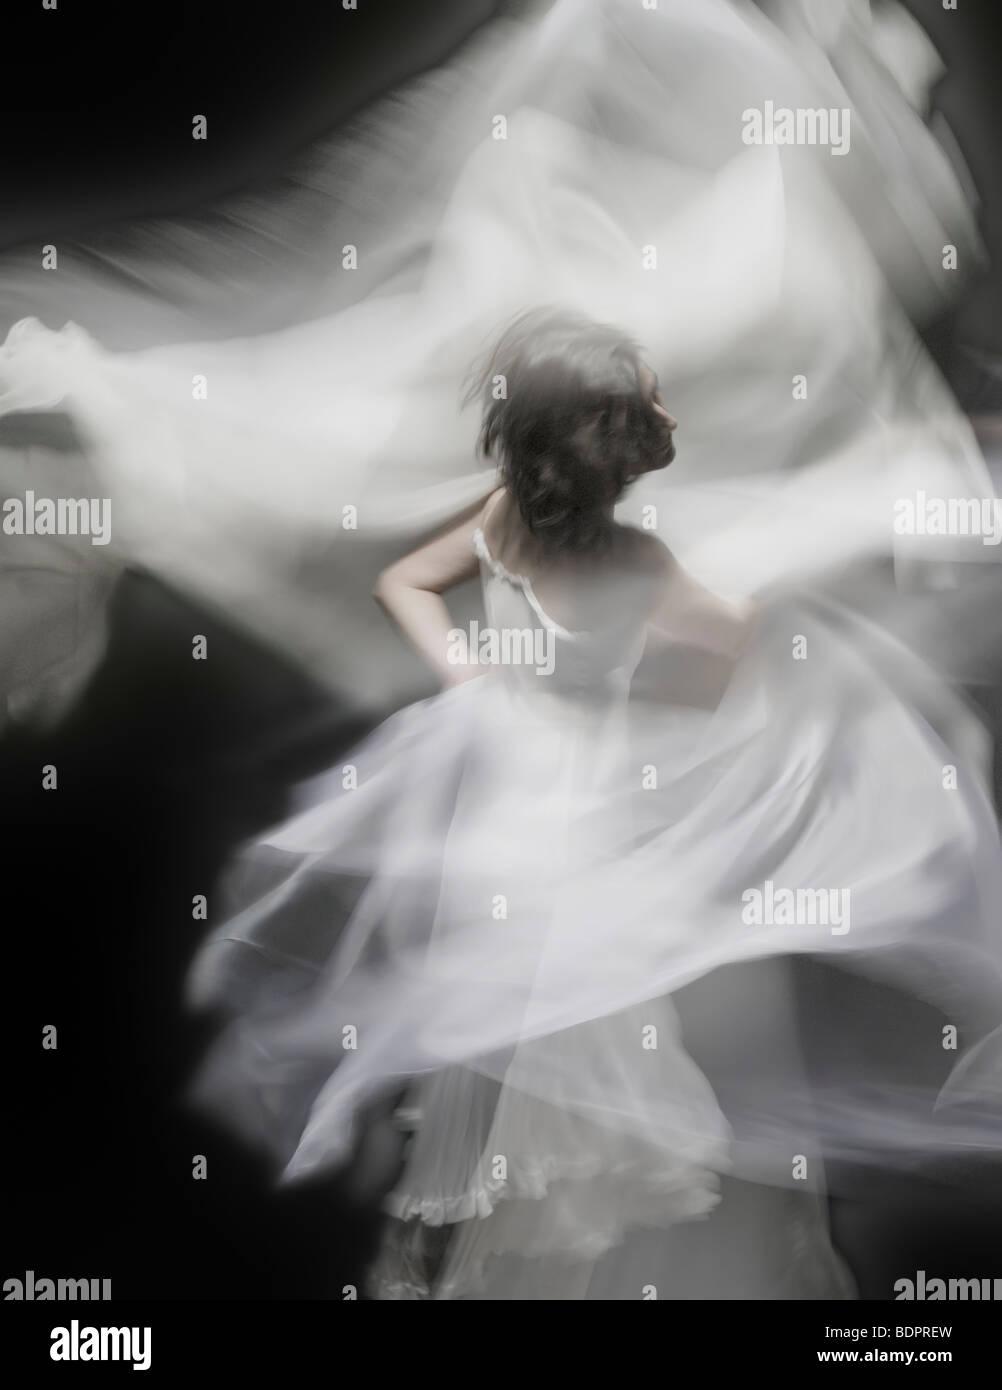 Una giovane donna ballare con un abito bianco Immagini Stock